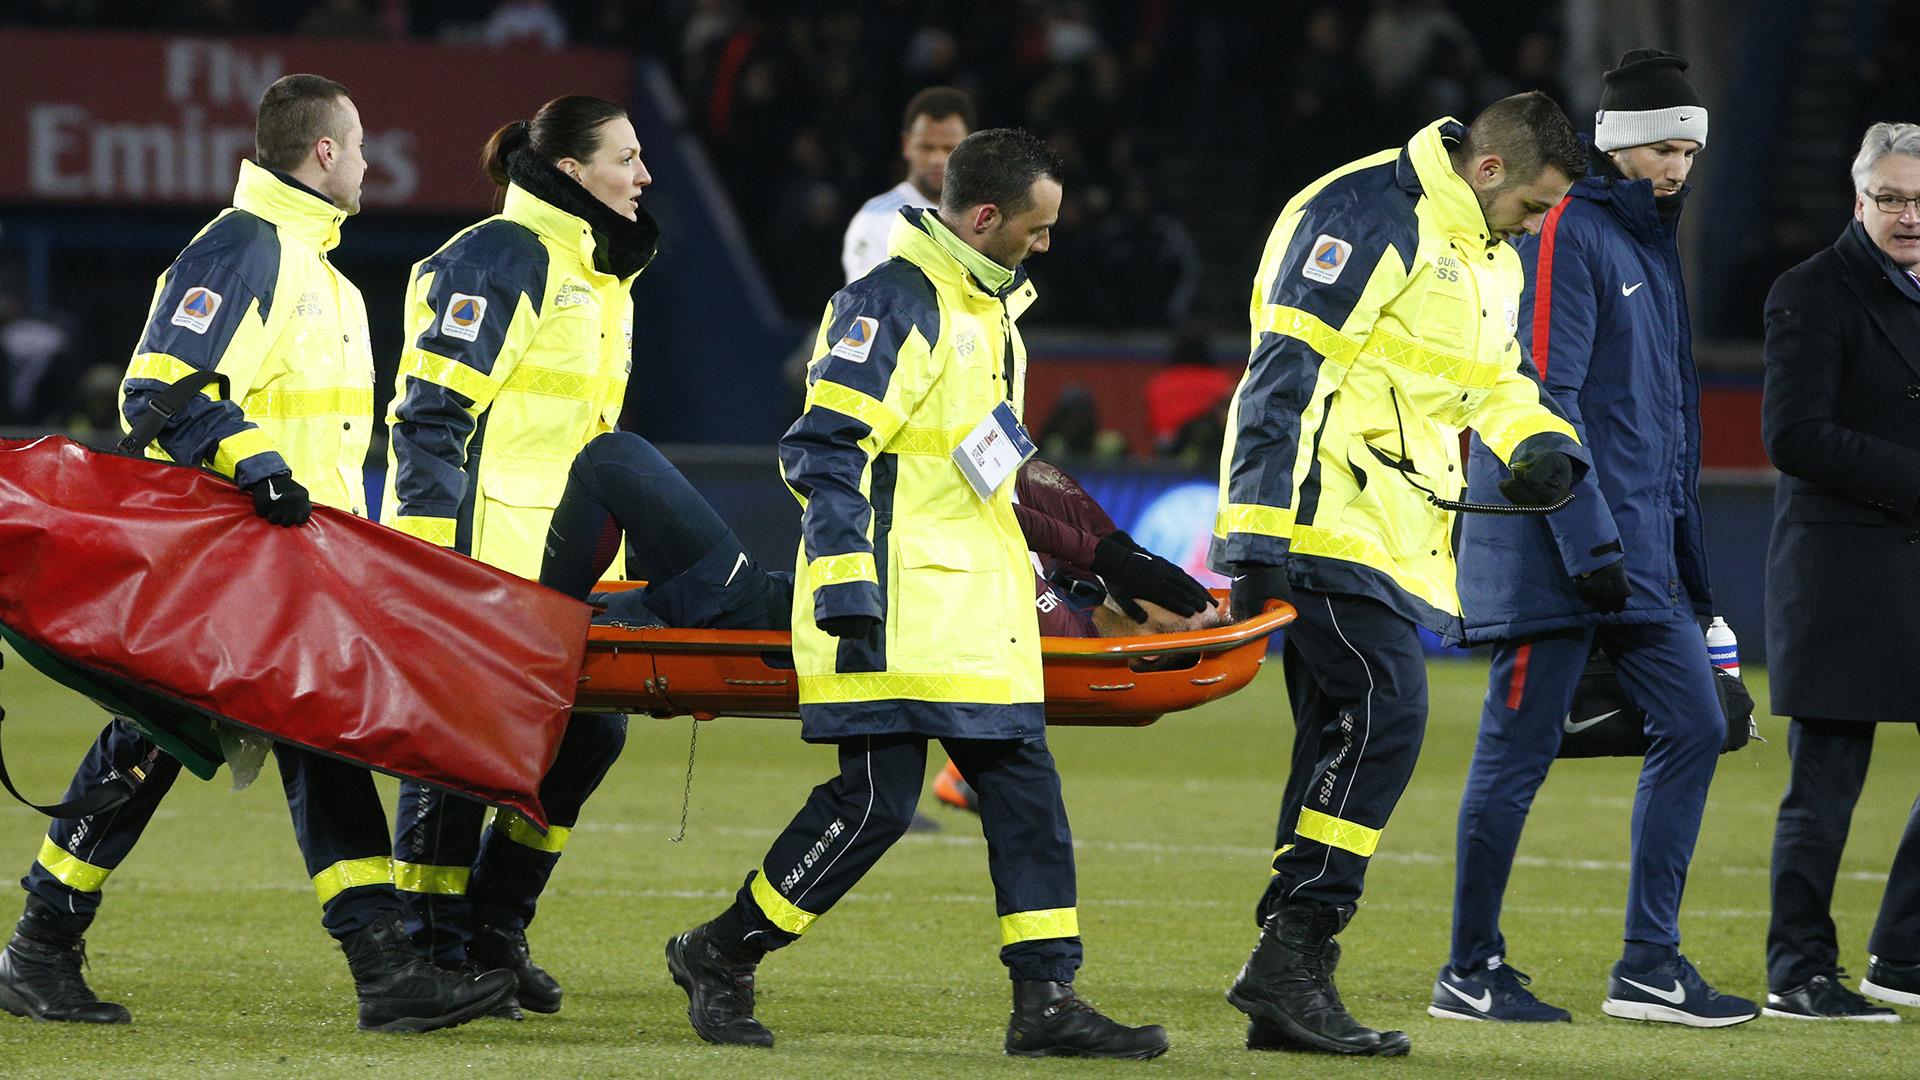 cfd722fdc5a El plan del PSG para que Neymar se recupere y llegue a jugar con el Real  Madrid - Infobae